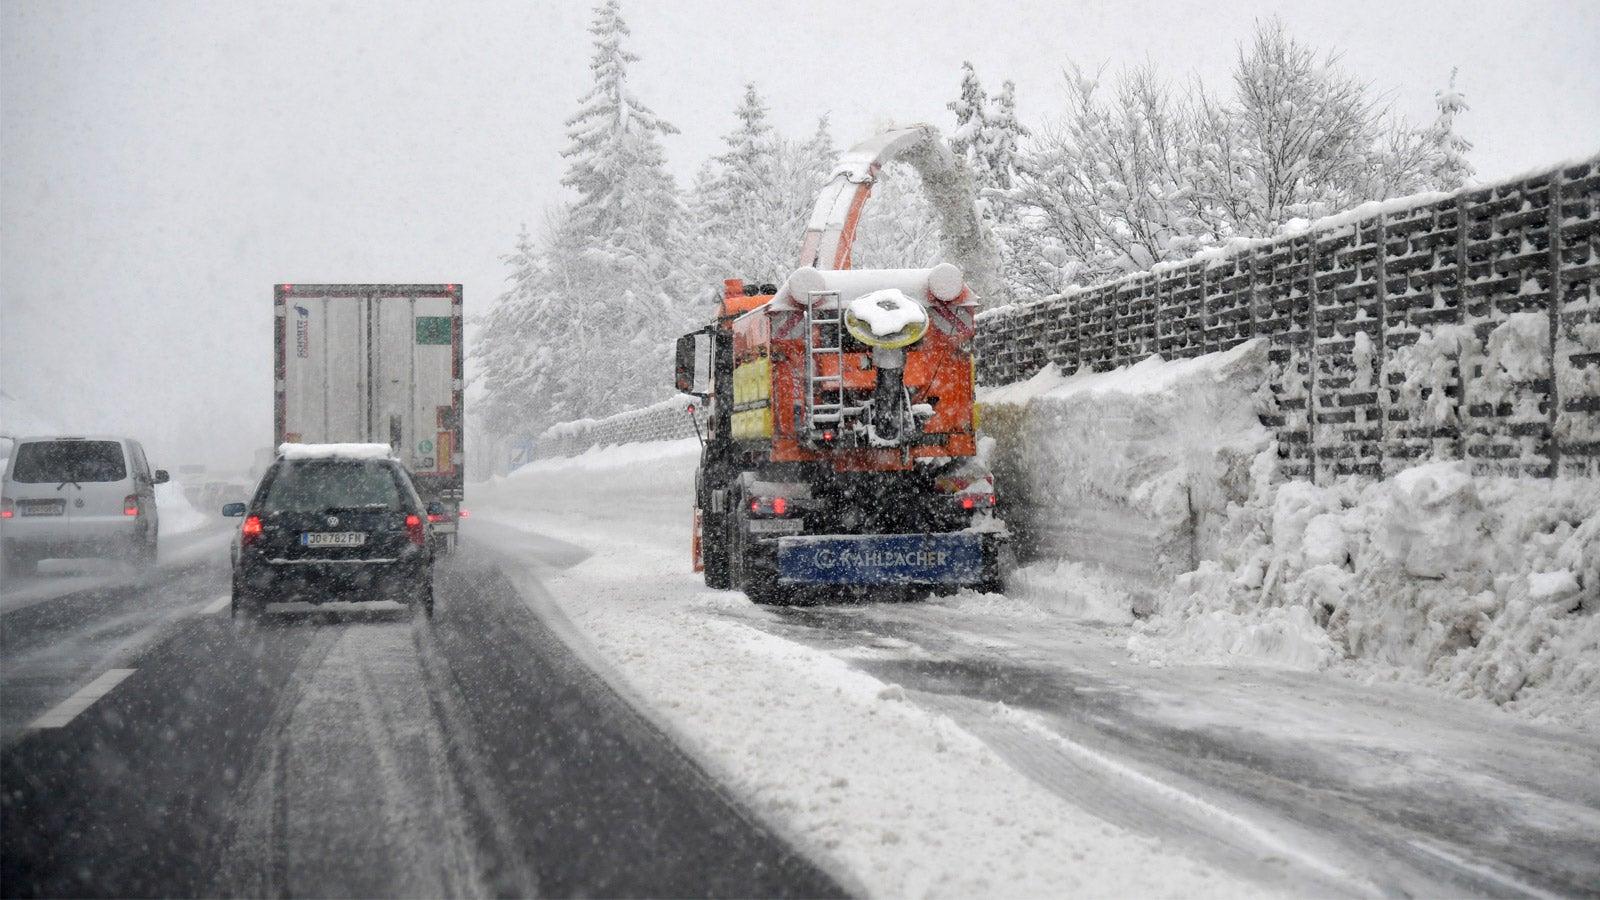 08.01.2019, Österreich, Salzburg: Autos fahren über eine verschneite Autobahn. In weiten Teilen Österreichs sind in den letzten Tagen erhebliche Mengen an Schnee gefallen. Foto: Barbara Gindl/APA/dpa +++ dpa-Bildfunk +++  Credit: dpa